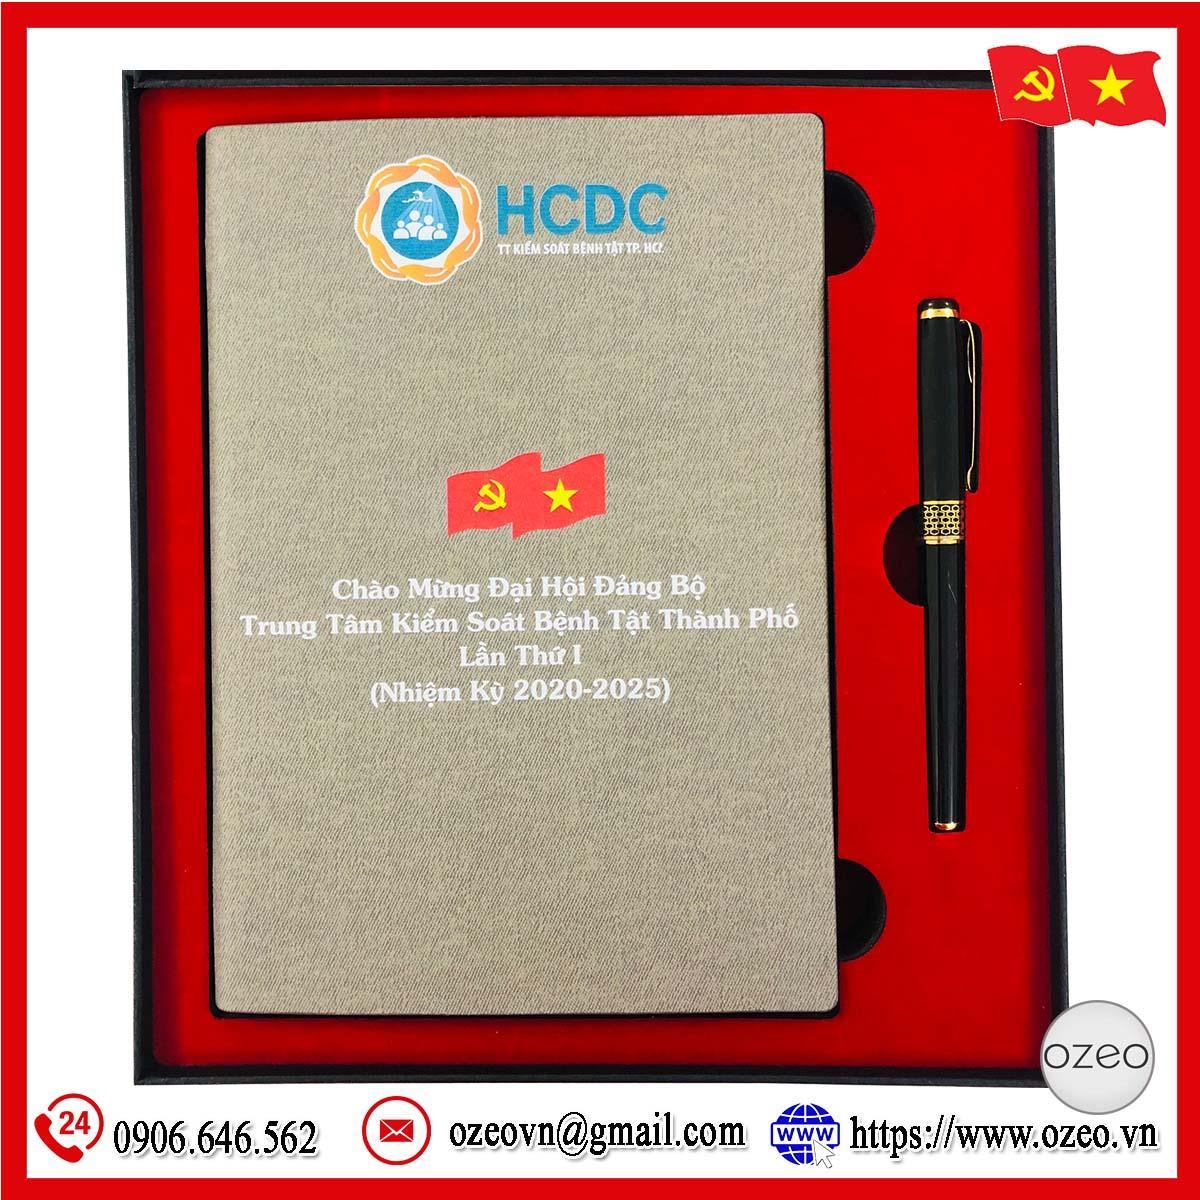 Bộ quà tặng sổ da và bút in logo làm quà tặng Đại hội Đảng của HCDC